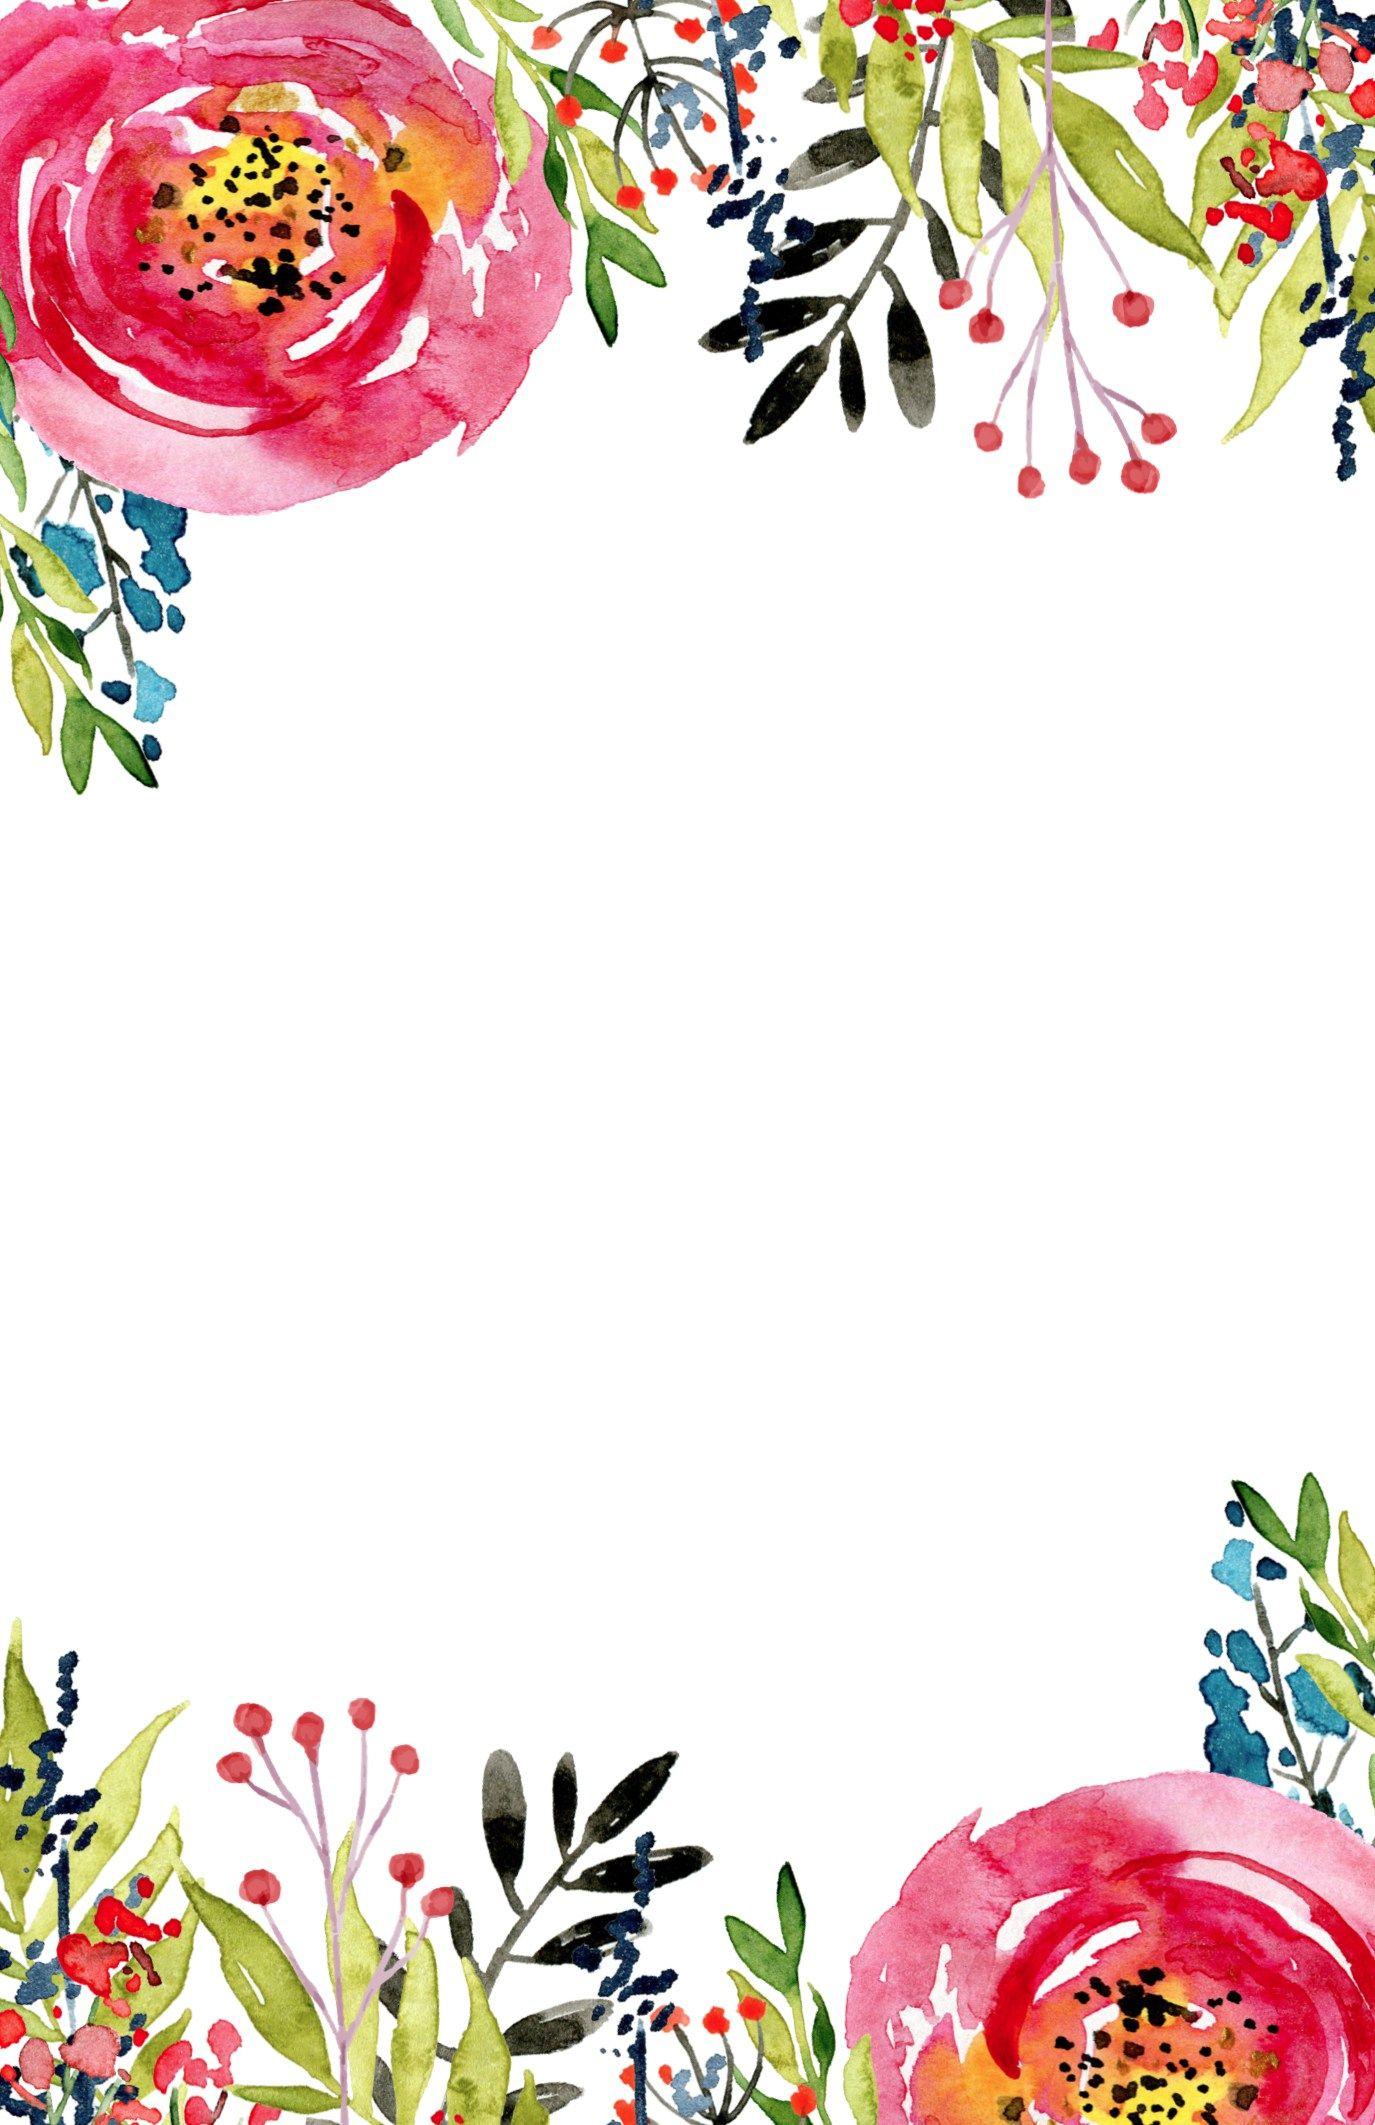 festa primavera  u2013 40 inspira u00e7 u00f5es delicad u00edssimas de decora u00e7 u00e3o